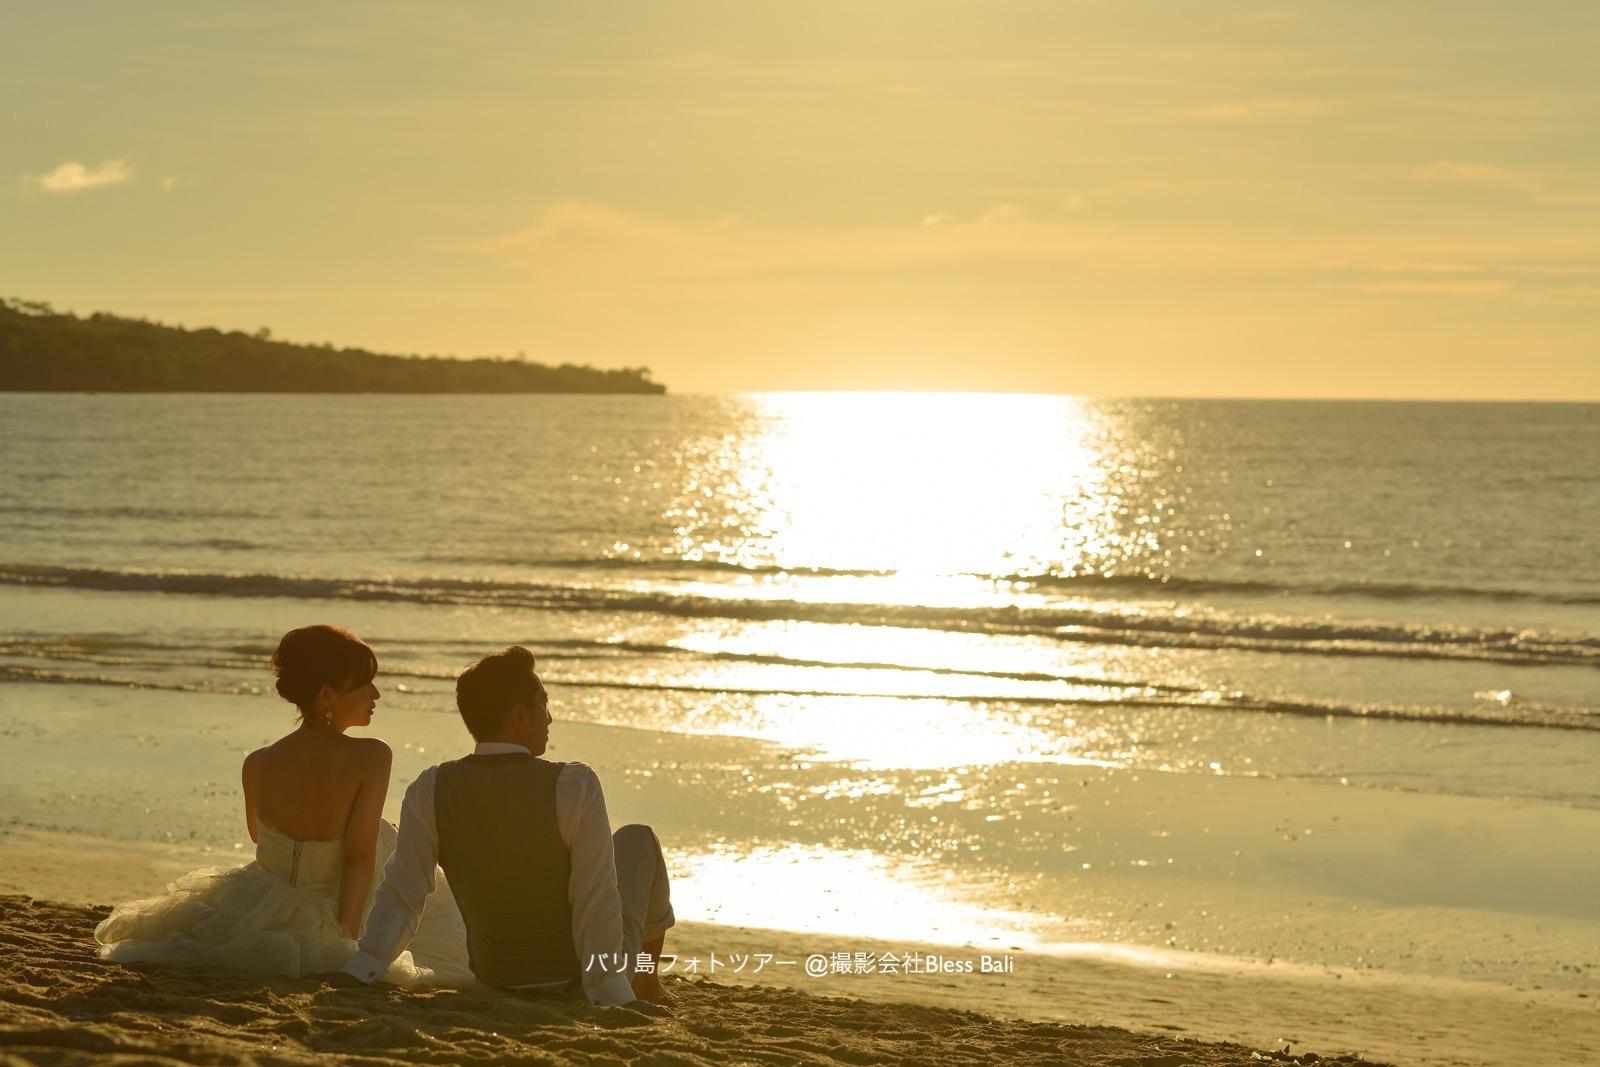 バリ島サンセットフォト 夕日にたそがれるお二人